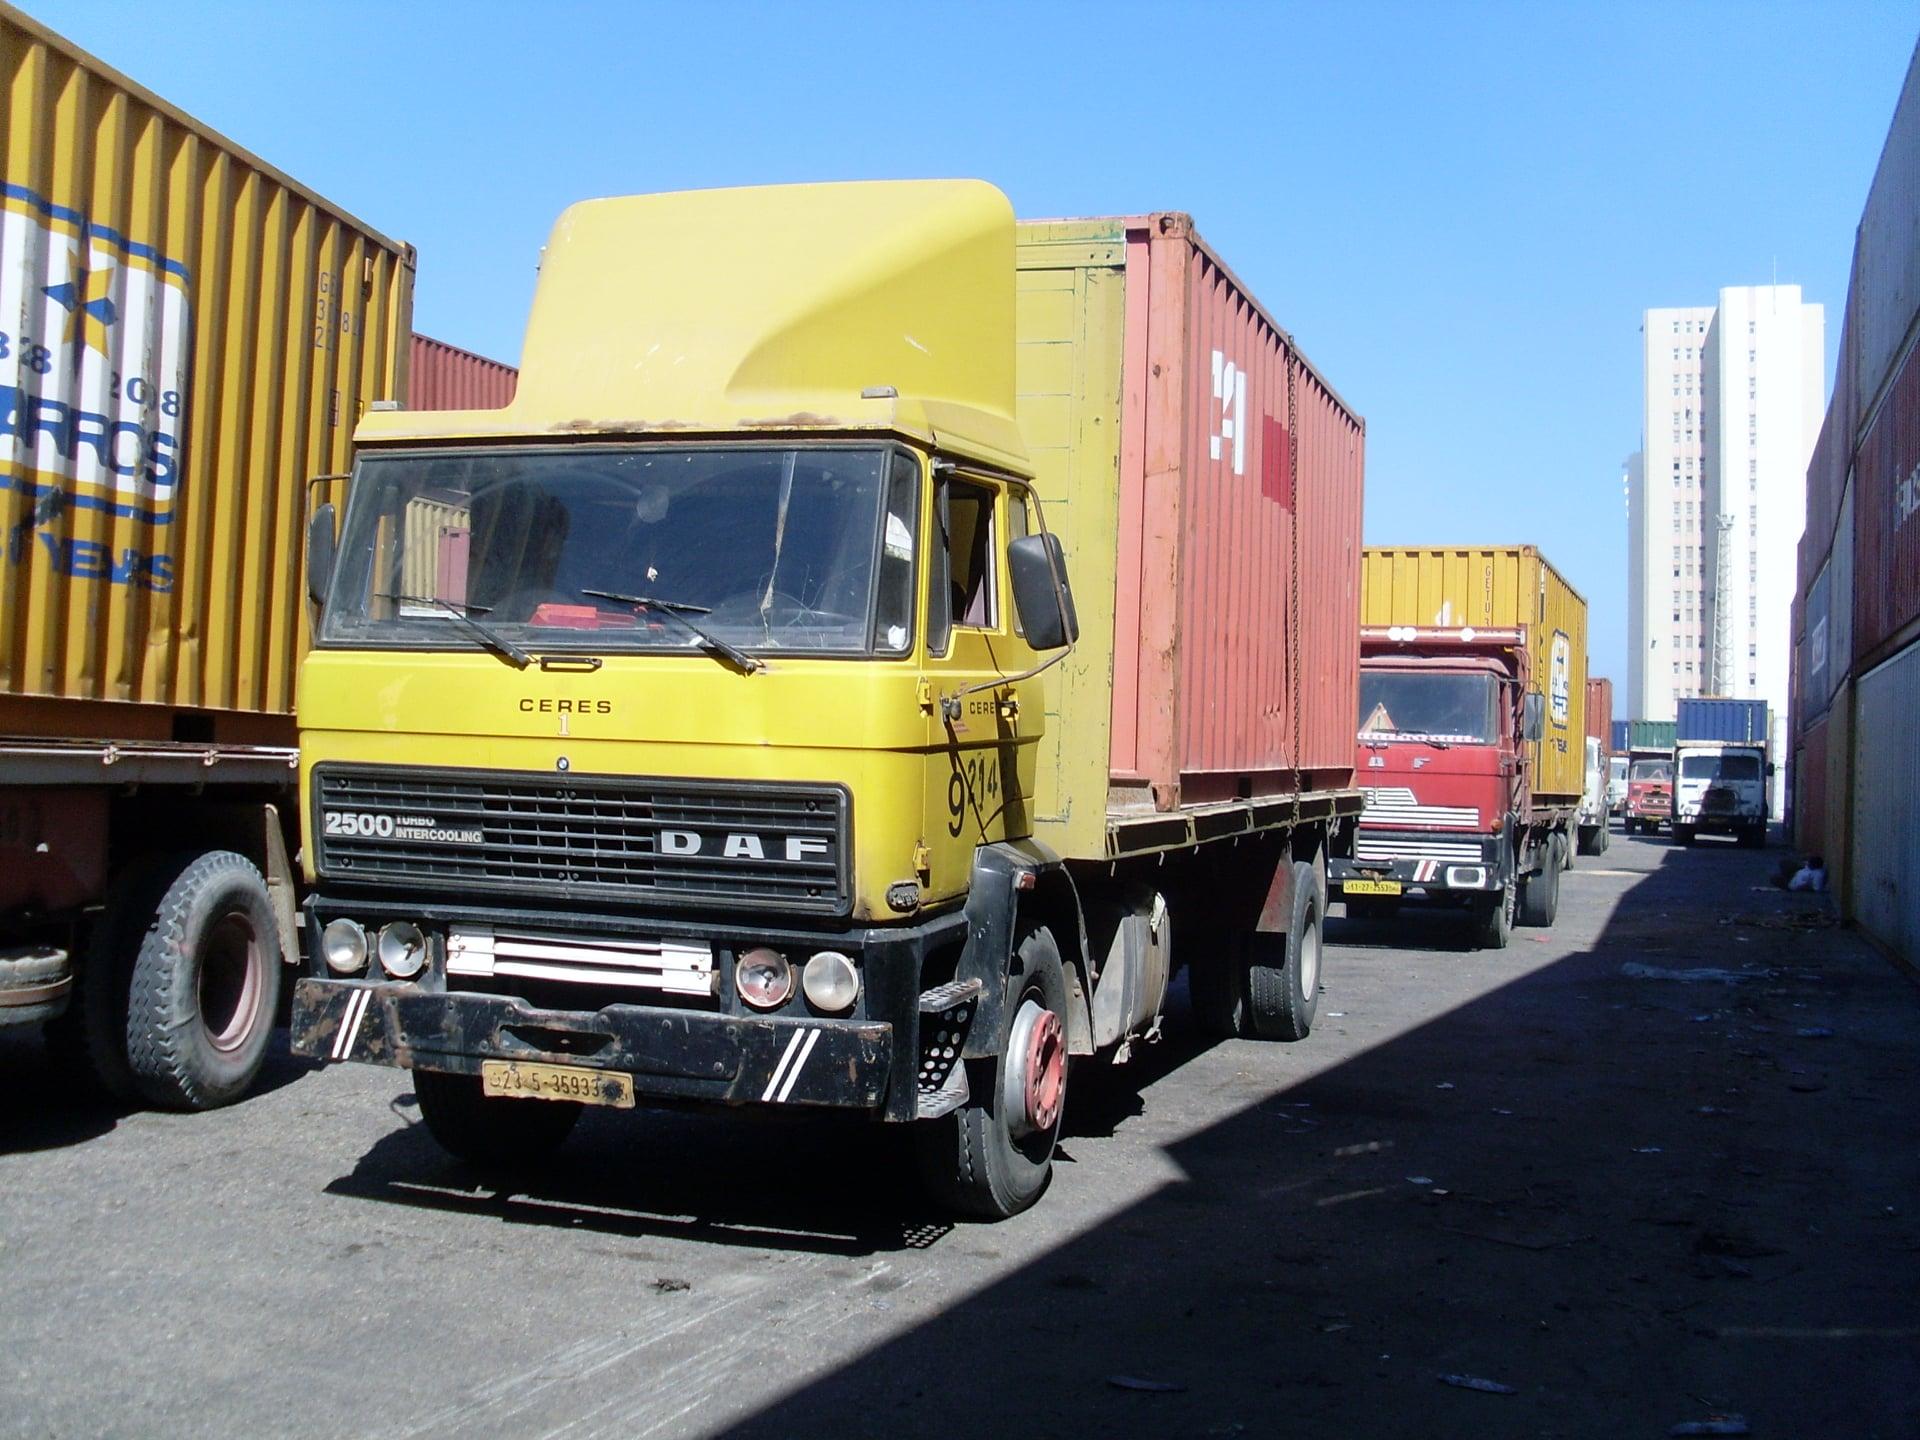 Daf-in-de-haven-van-Tripolie-2018--Ad-van-Heel-geel-archief--(25)